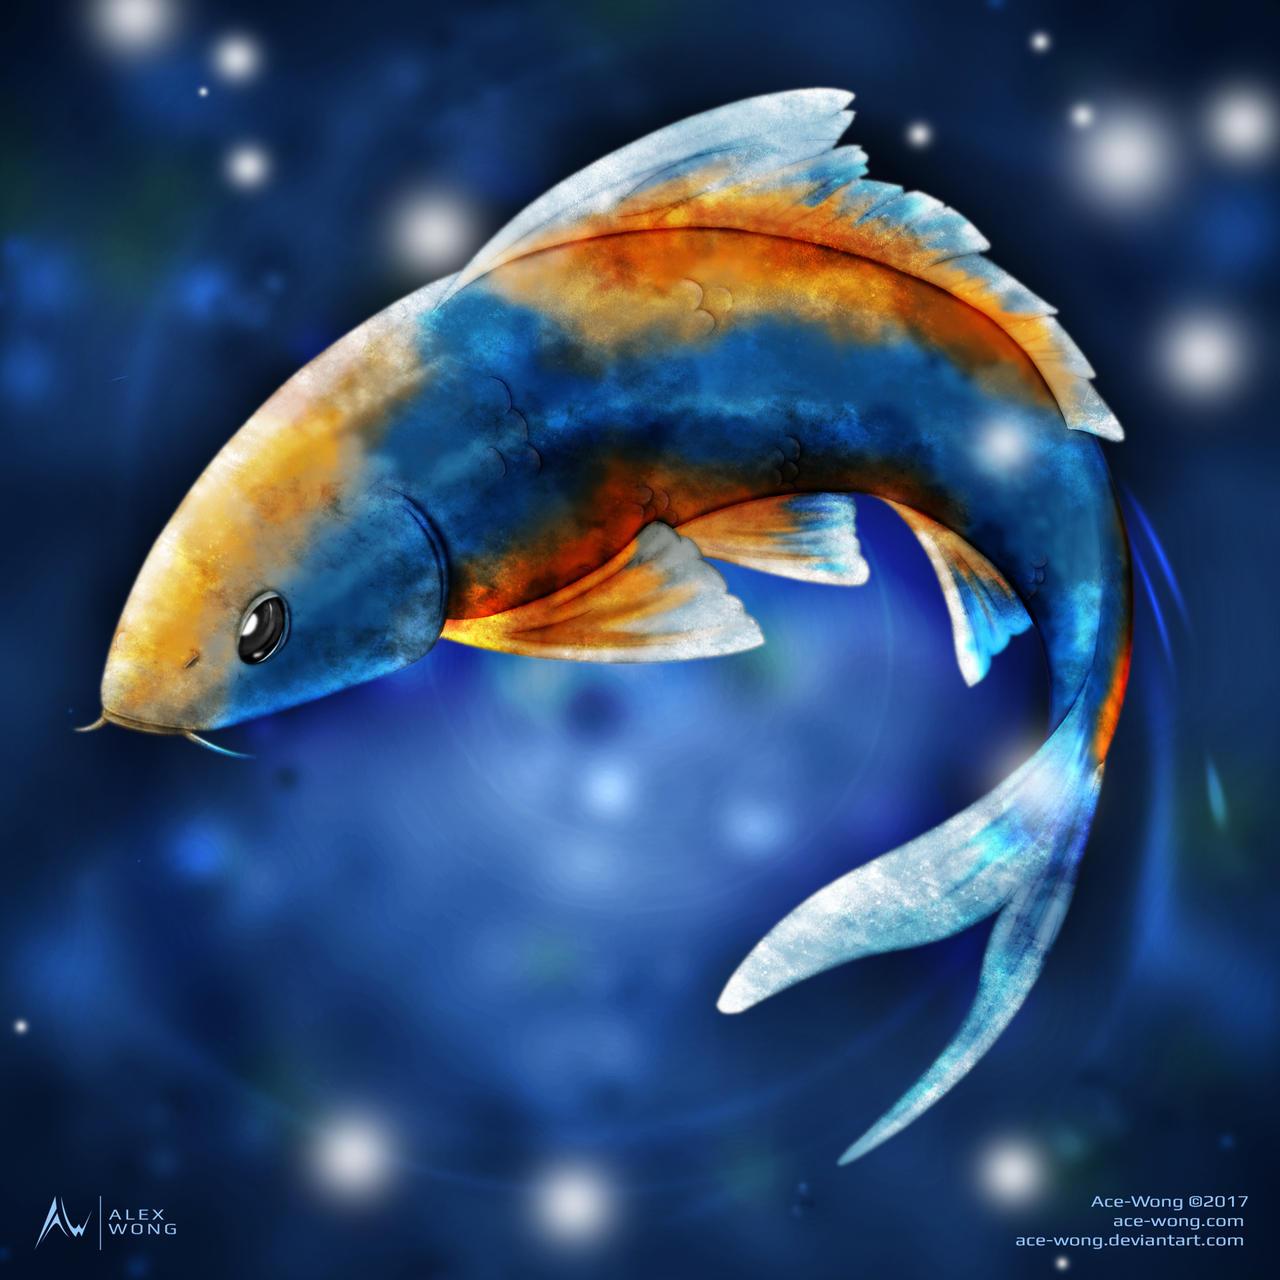 Ace wong 39 s deviantart gallery for Kumak s fish